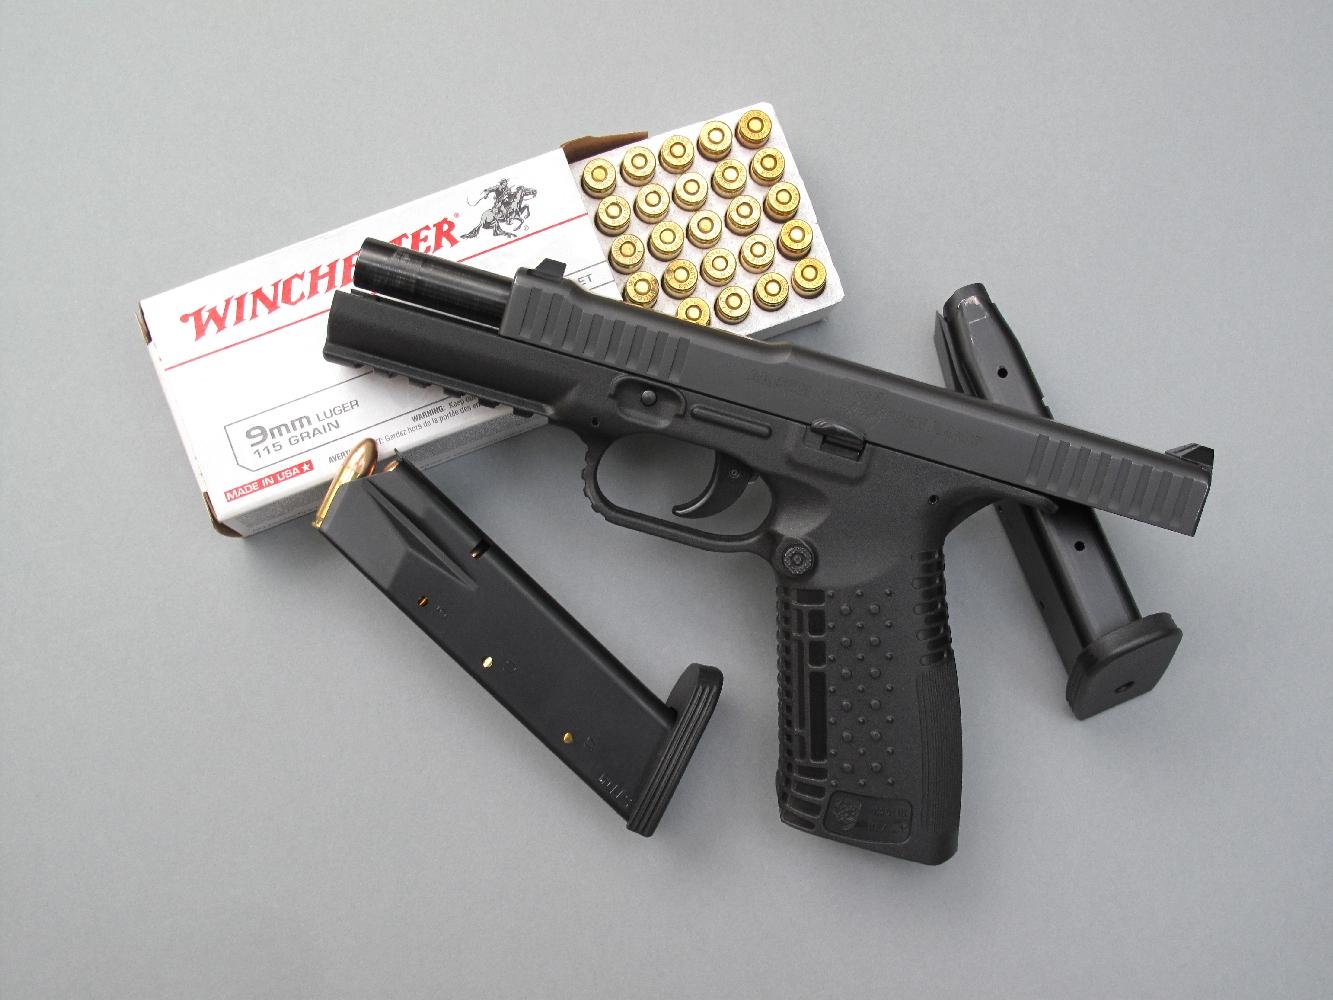 Ce pistolet fonctionne selon le principe de la culasse calée associée à un court recul du canon. Ce dernier reste constamment dans l'axe du tir, son calage assuré par un verrou indépendant à mouvement vertical.